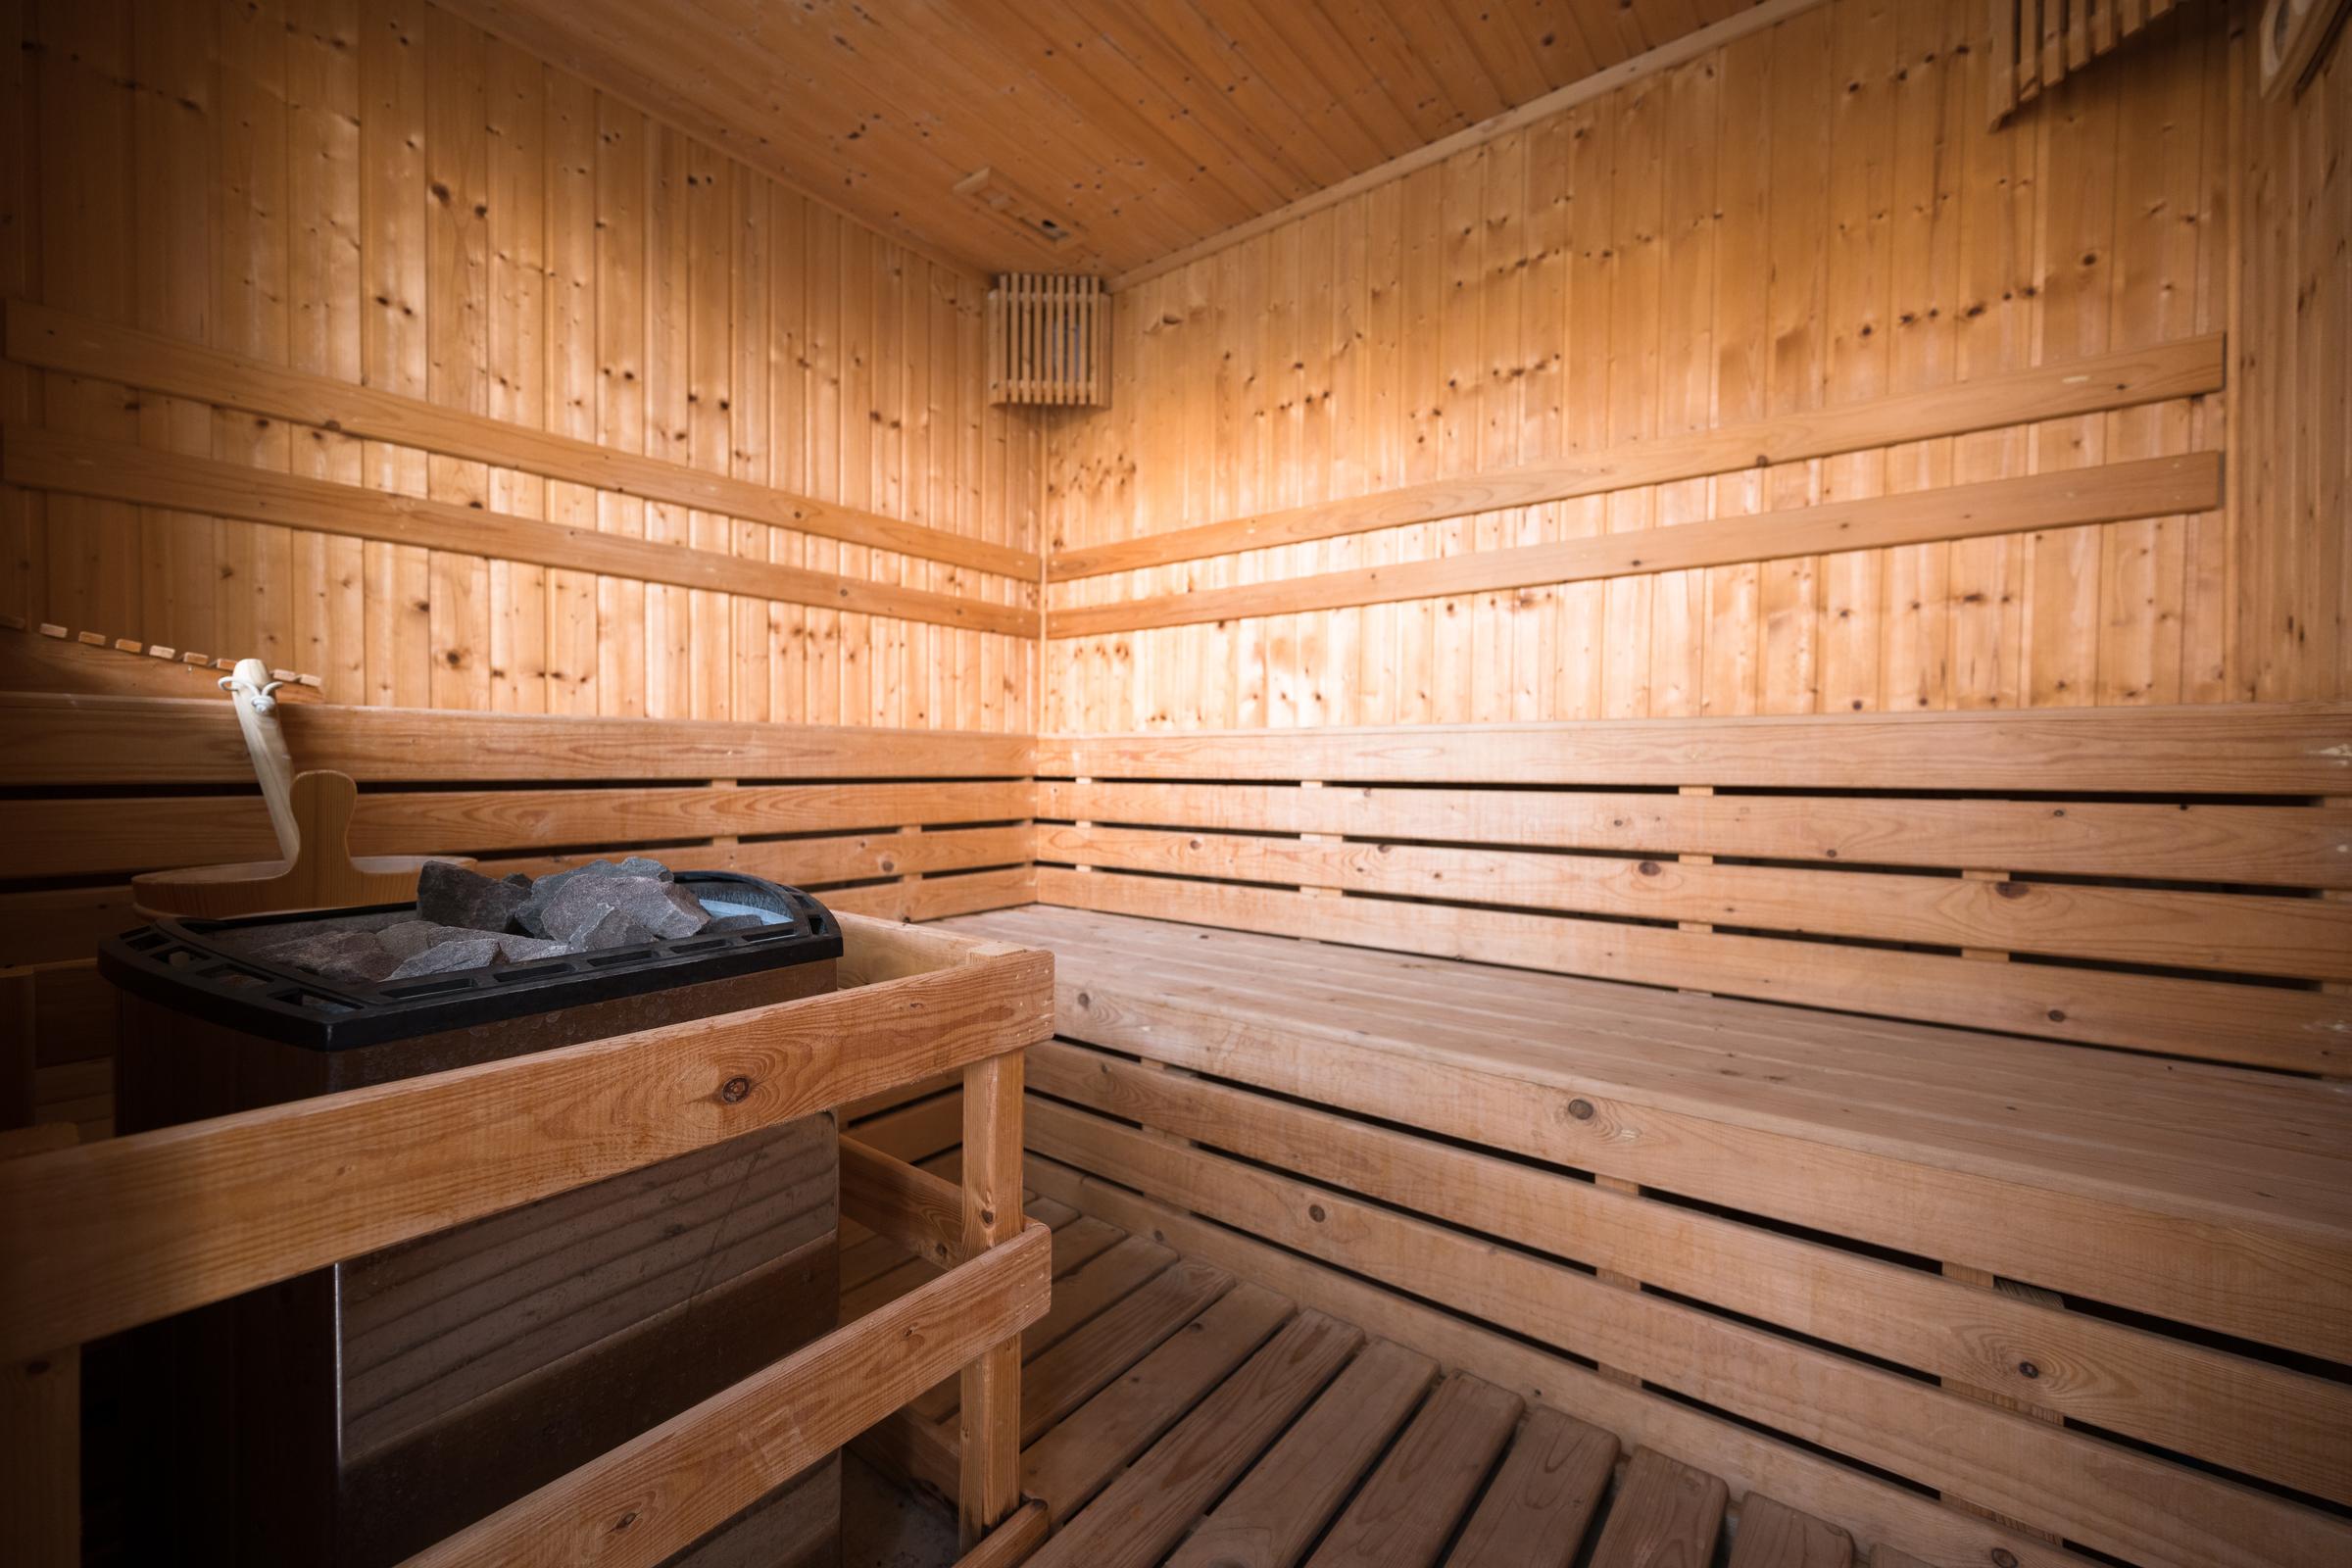 Saunan pesu Turku ja lähiseudut